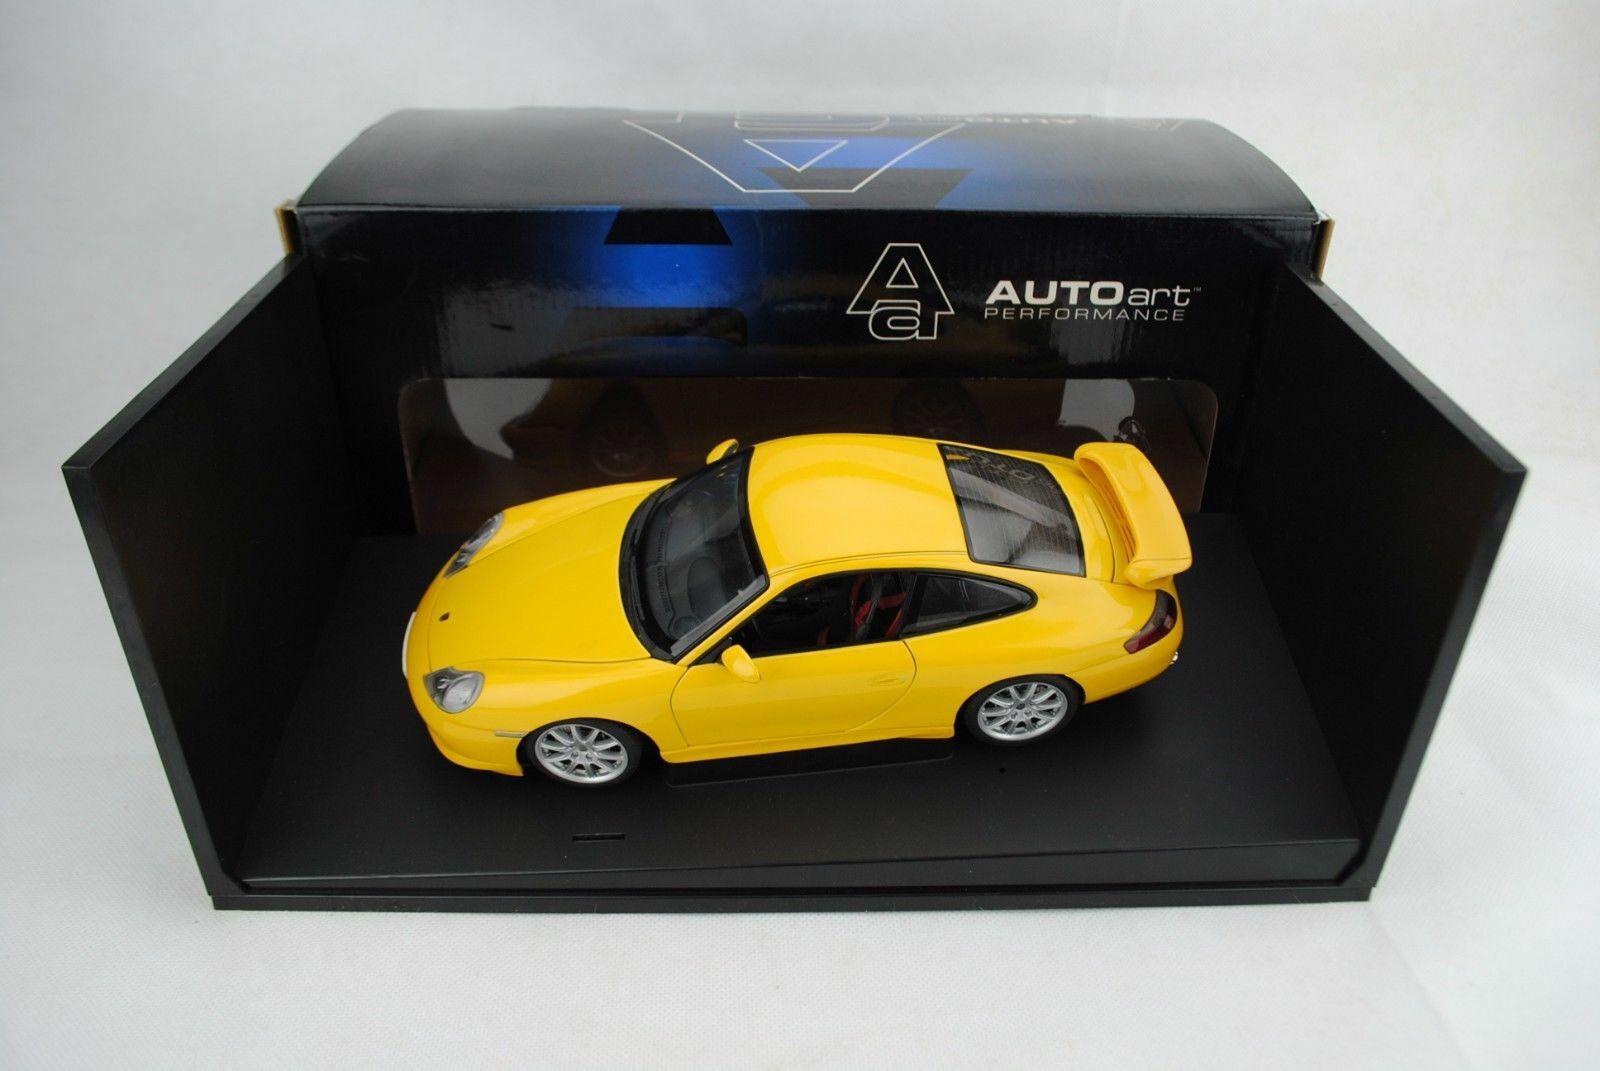 1 18 Autoart  77812 Porsche 911 GT3 Street Auto Gituttio  Rarità  Neuzuste